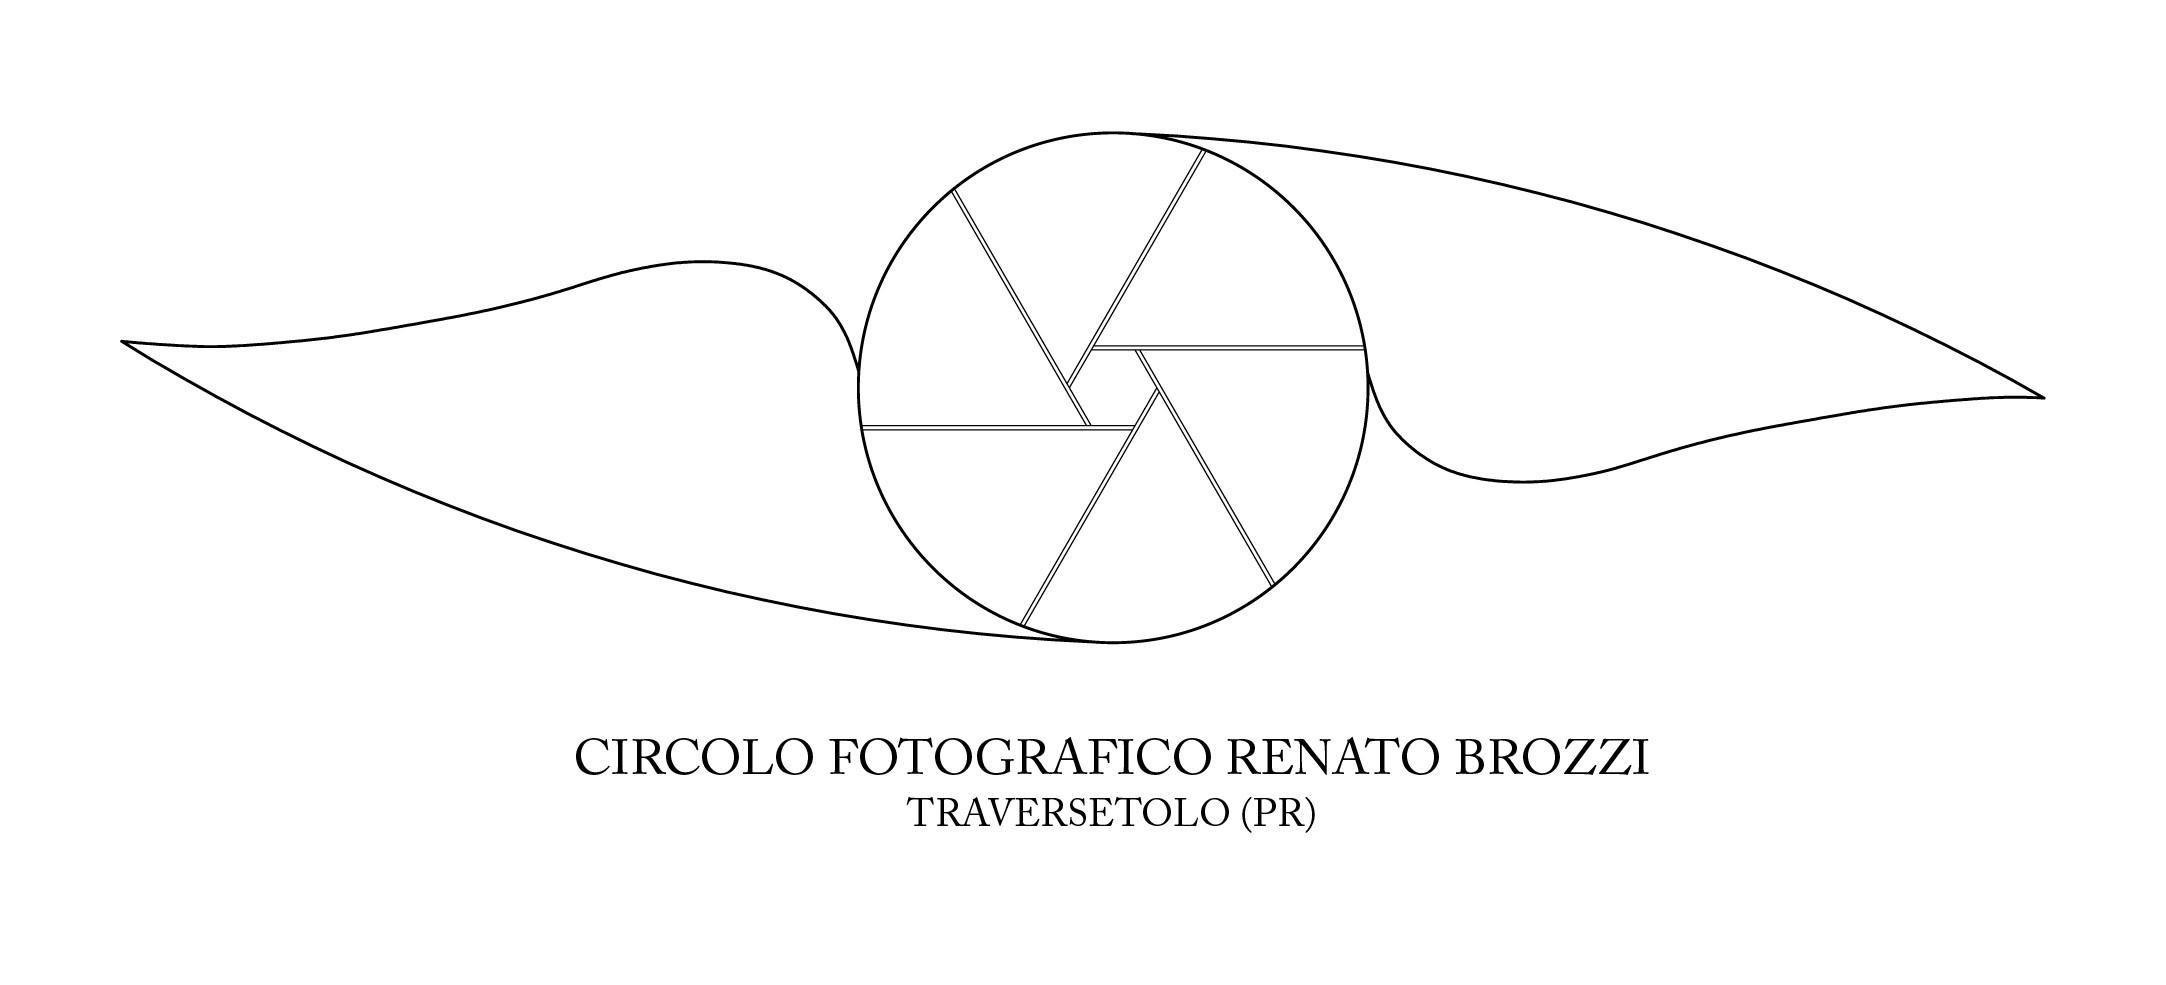 APPUNTAMENTI AL BROZZI -incontro col fotografoStefano Cavazzini